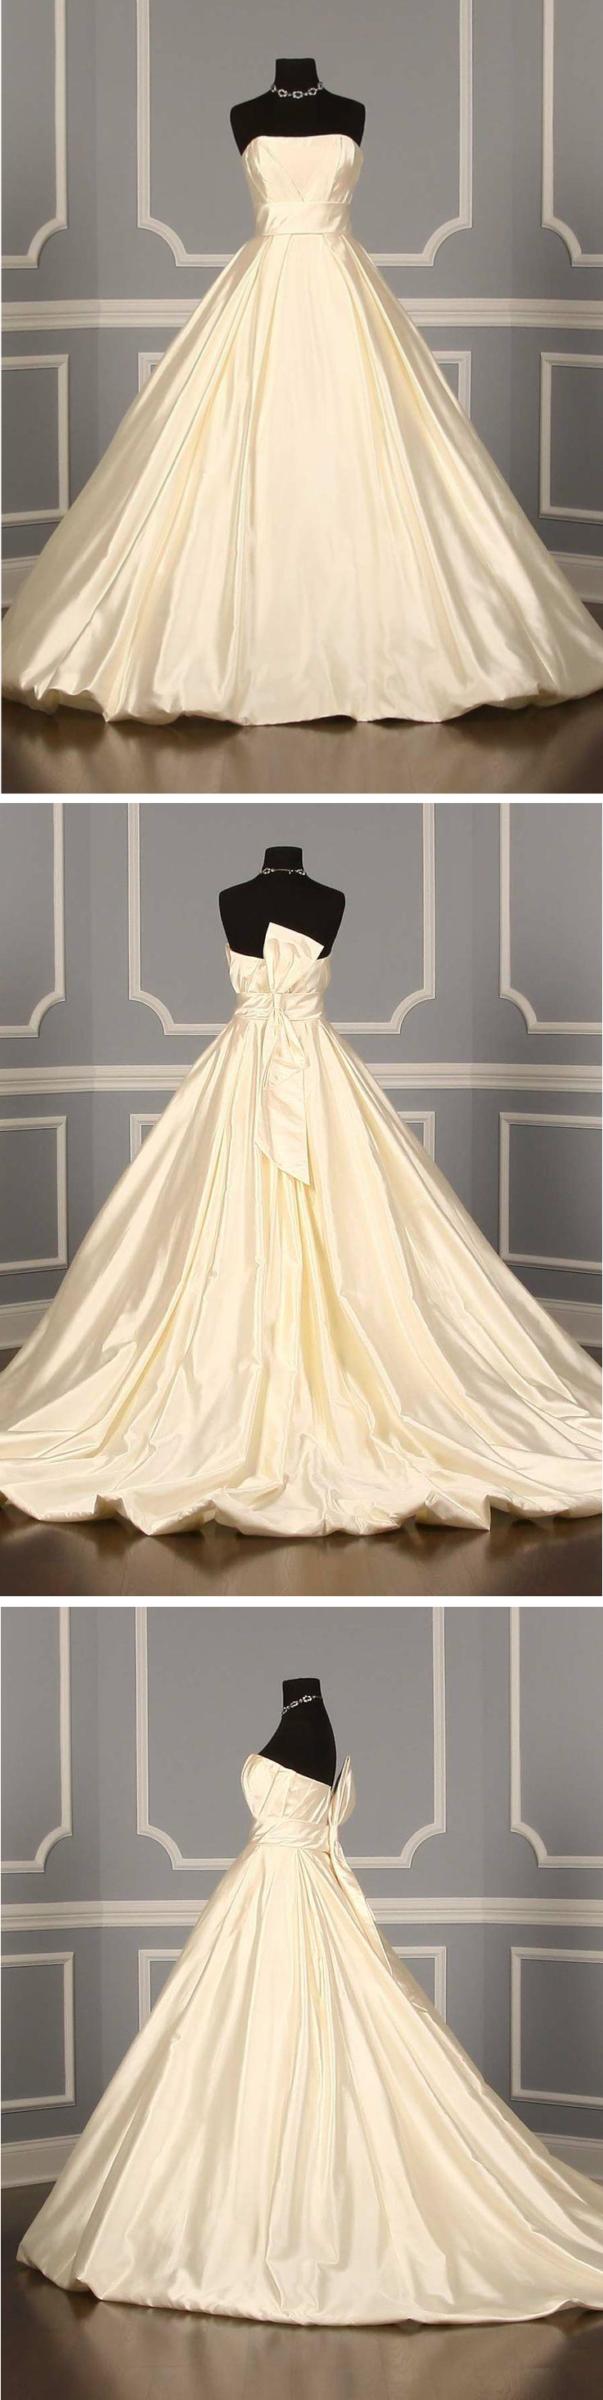 Ines De Santo Zaneta Couture Bridal Gown